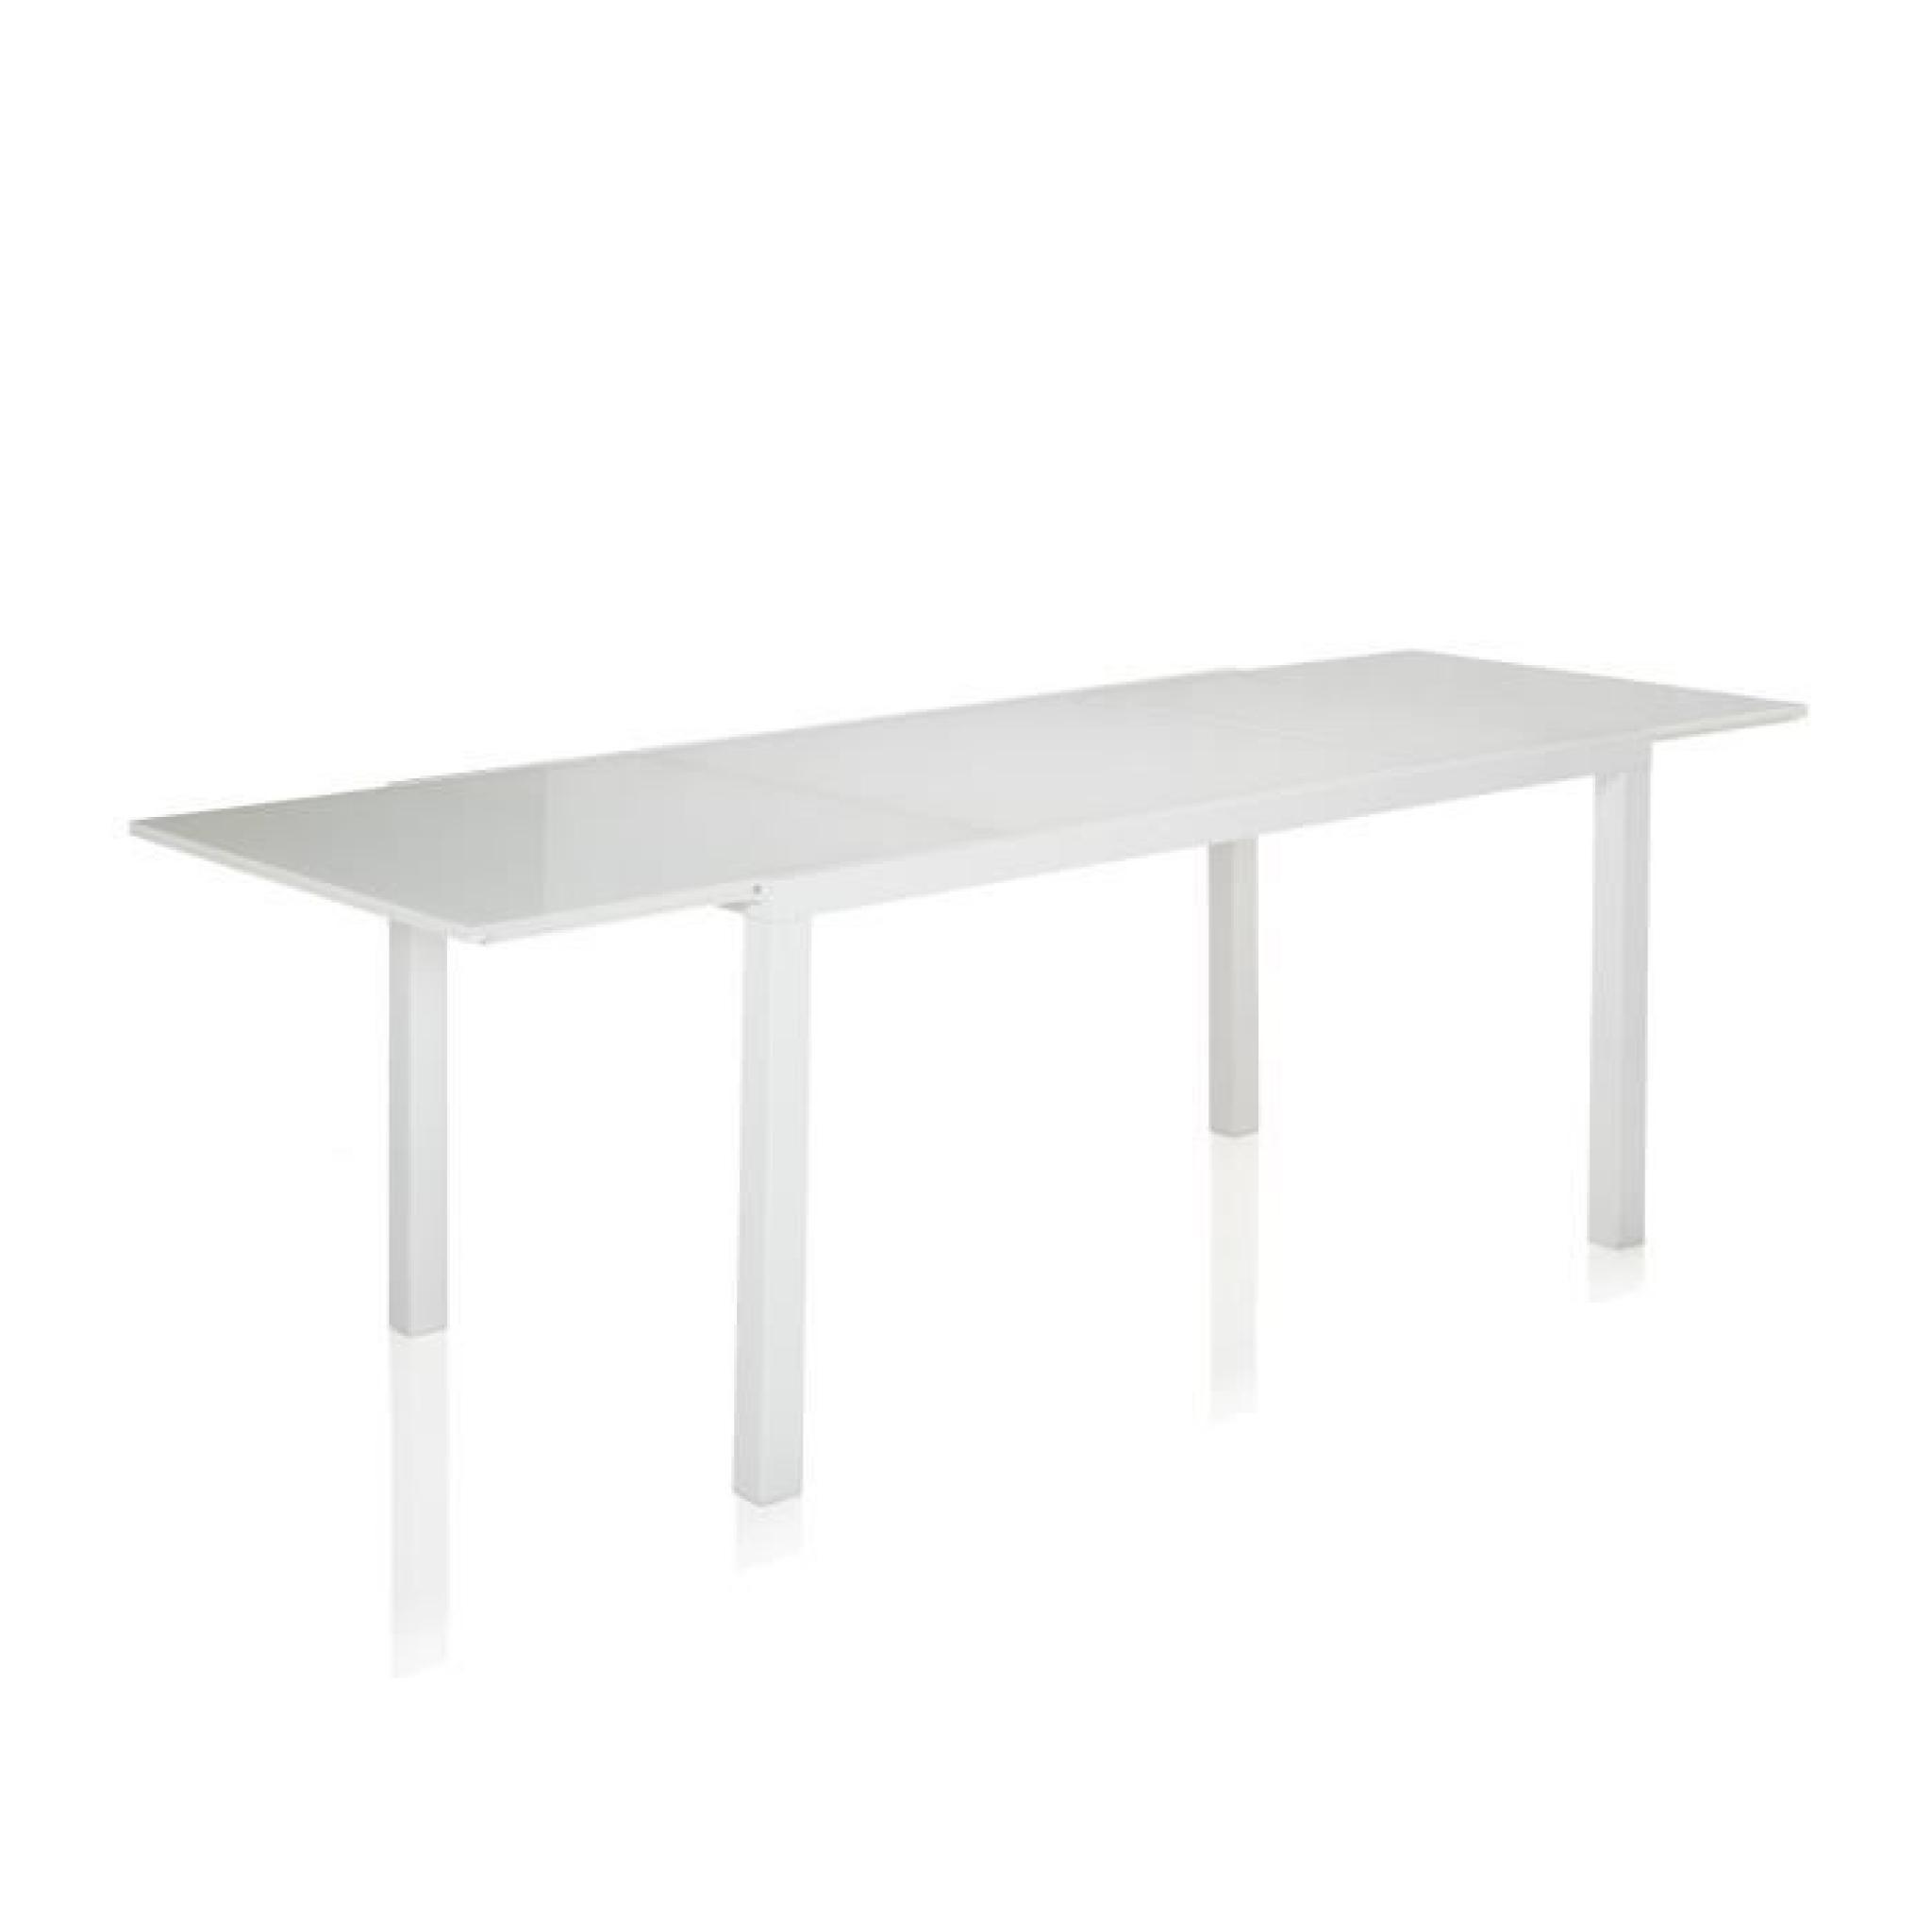 pure table en verre et acier avec allonge papillon 12 couverts achat vente table salle a manger pas cher couleur et design fr